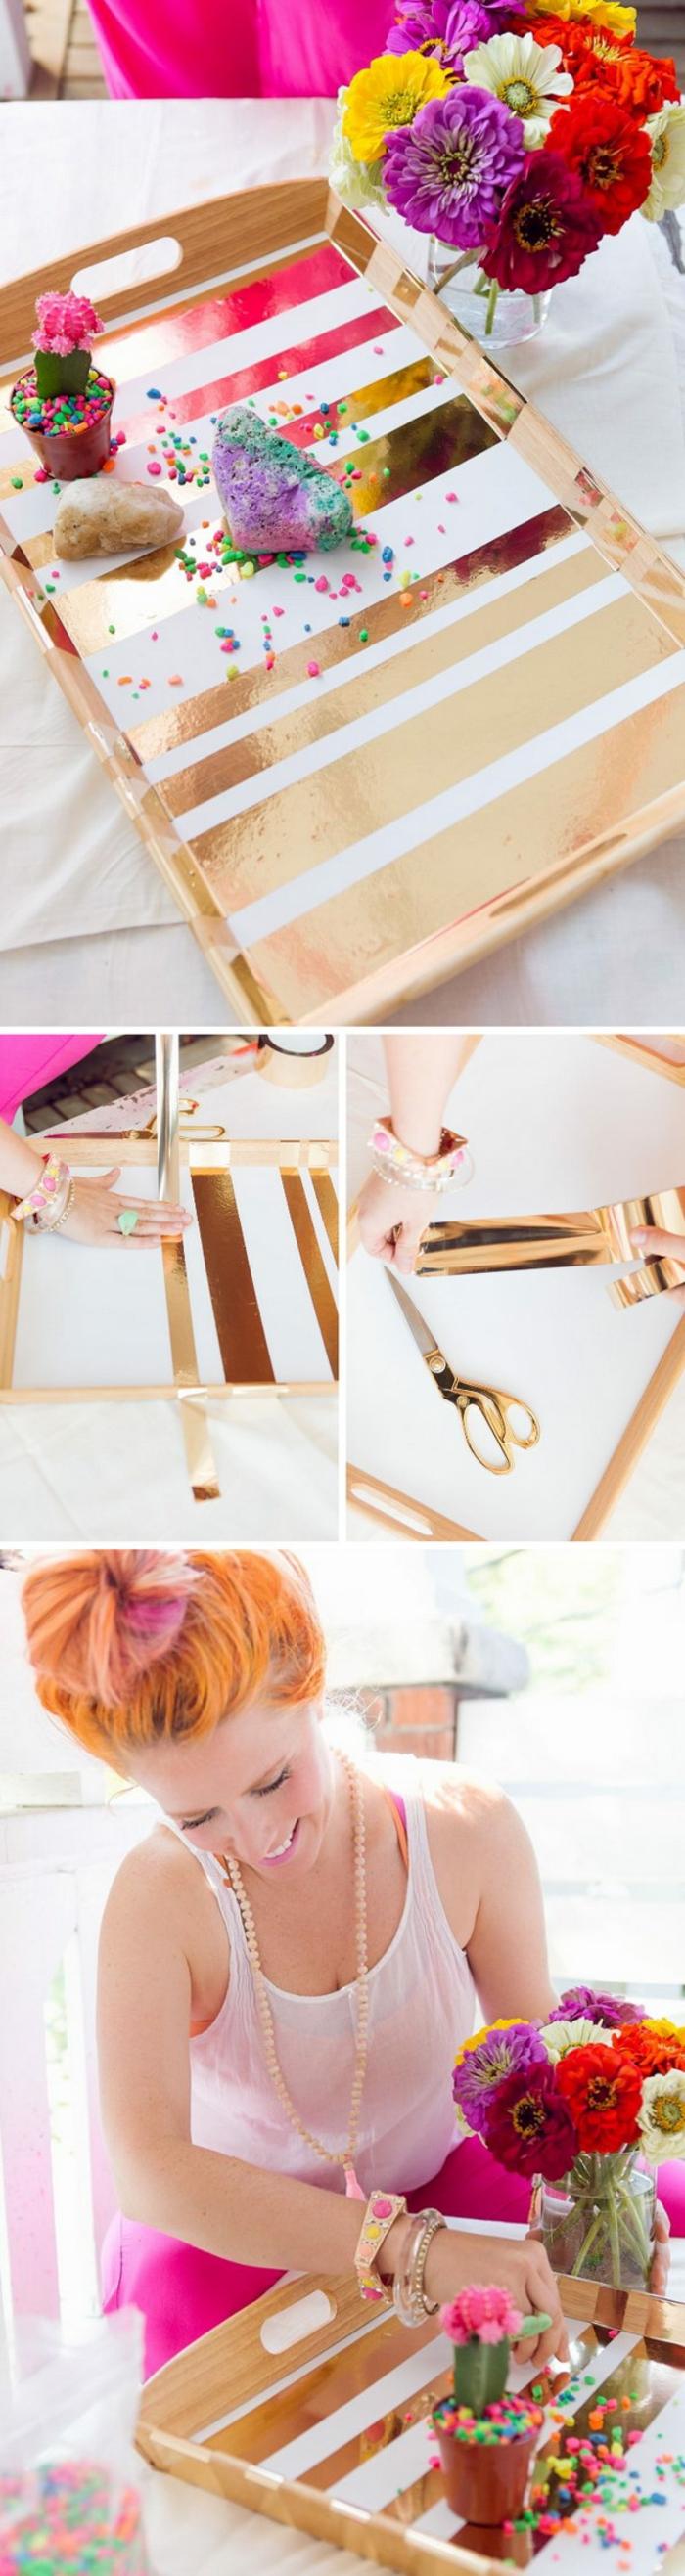 cadeau fete des meres diy, plateau en bois customisé avec des bandes de ruban adhésif doré, bricolage fete des meres